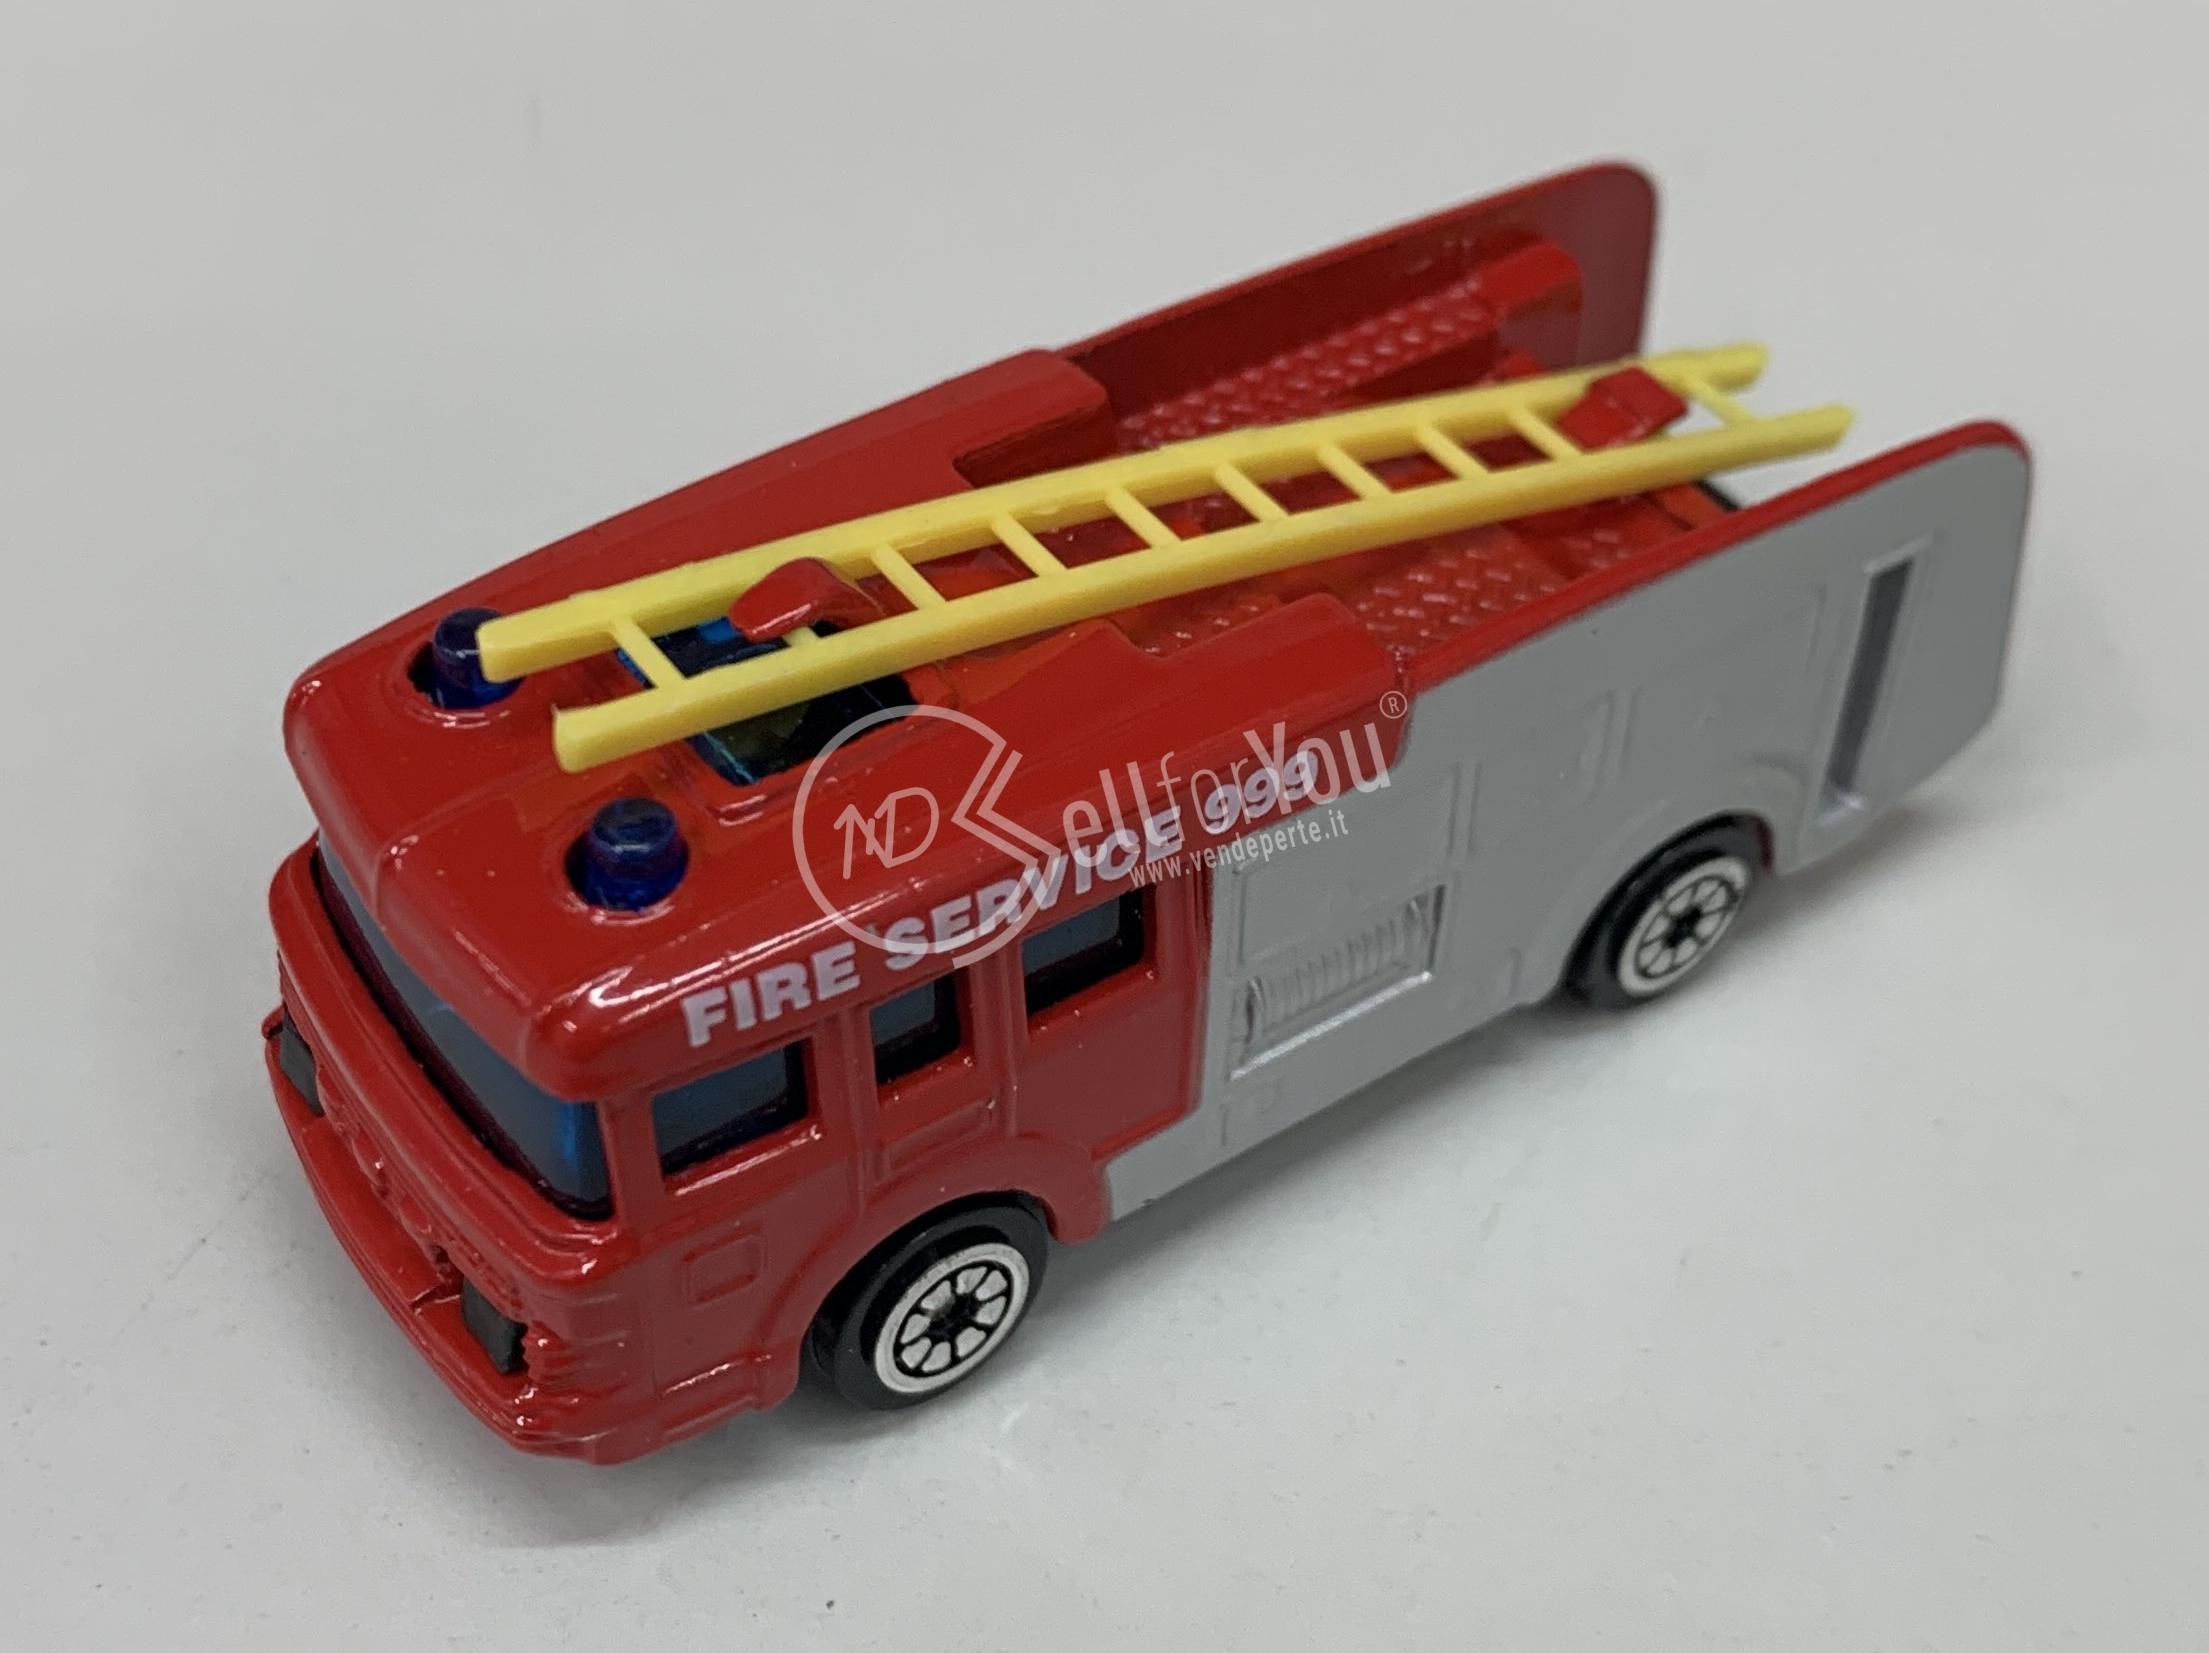 sellforyou immagine default articolo correlato non trovatoLotto da 200 pz. modellini camion dei pompieri Corgi